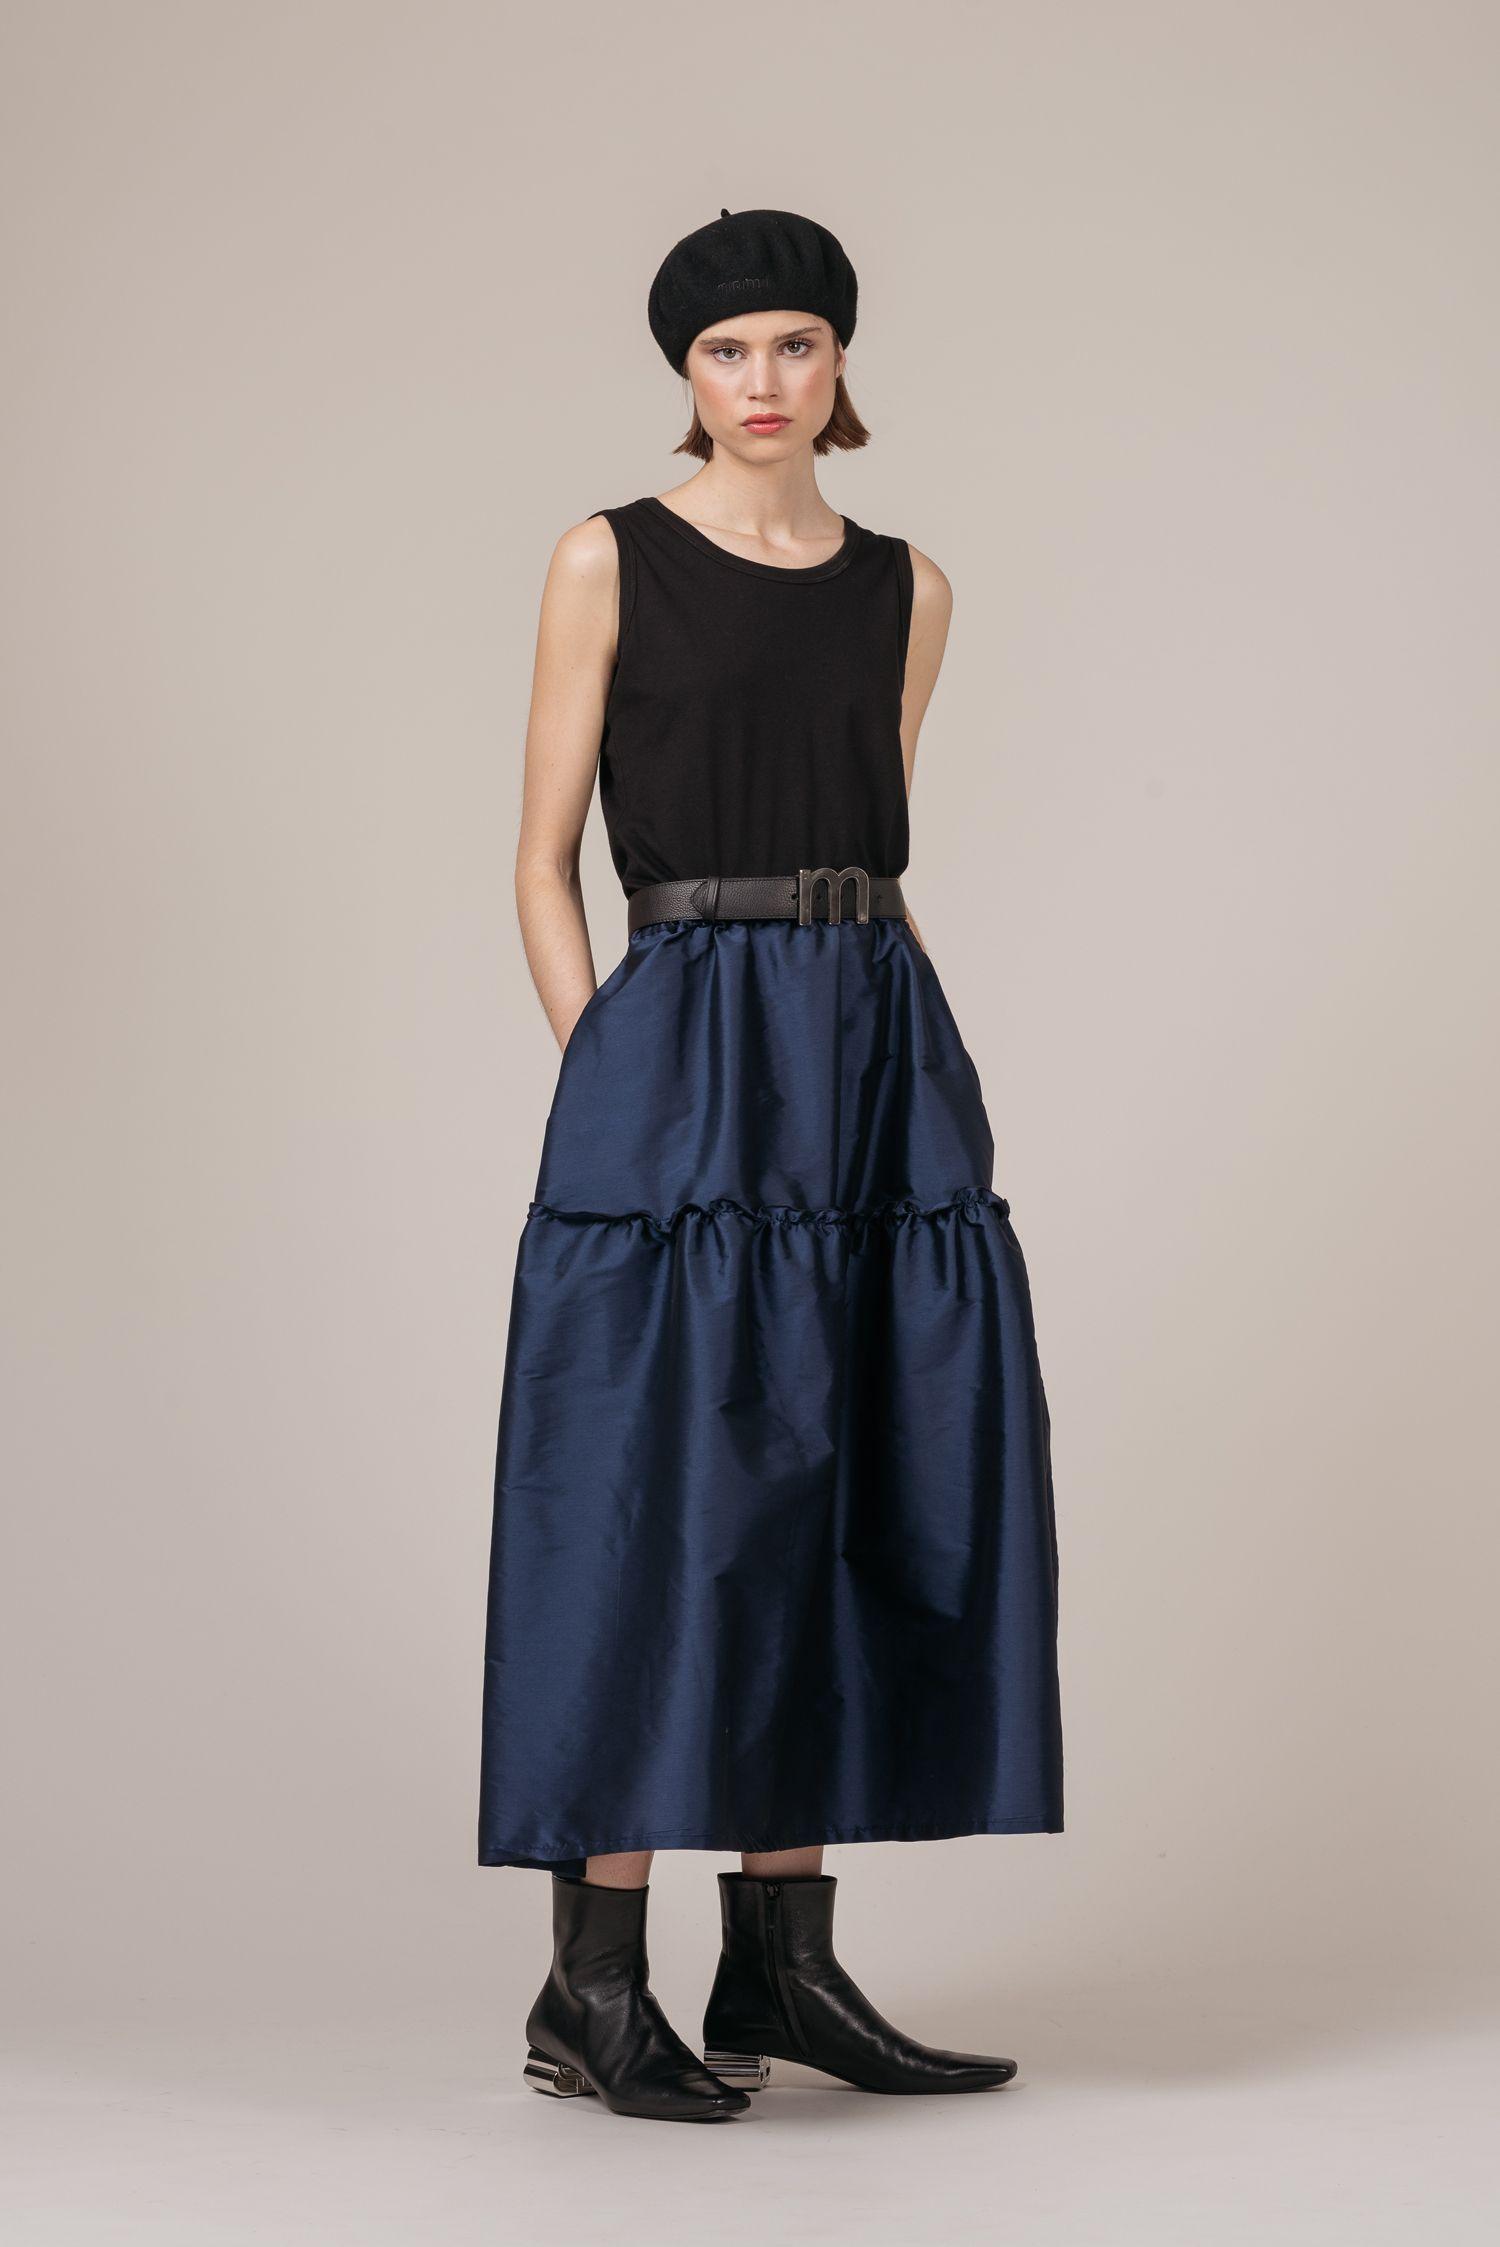 La firma de moda vasca minimil reivindica sus valores de marca y su origen ante estos tiempos inciertos